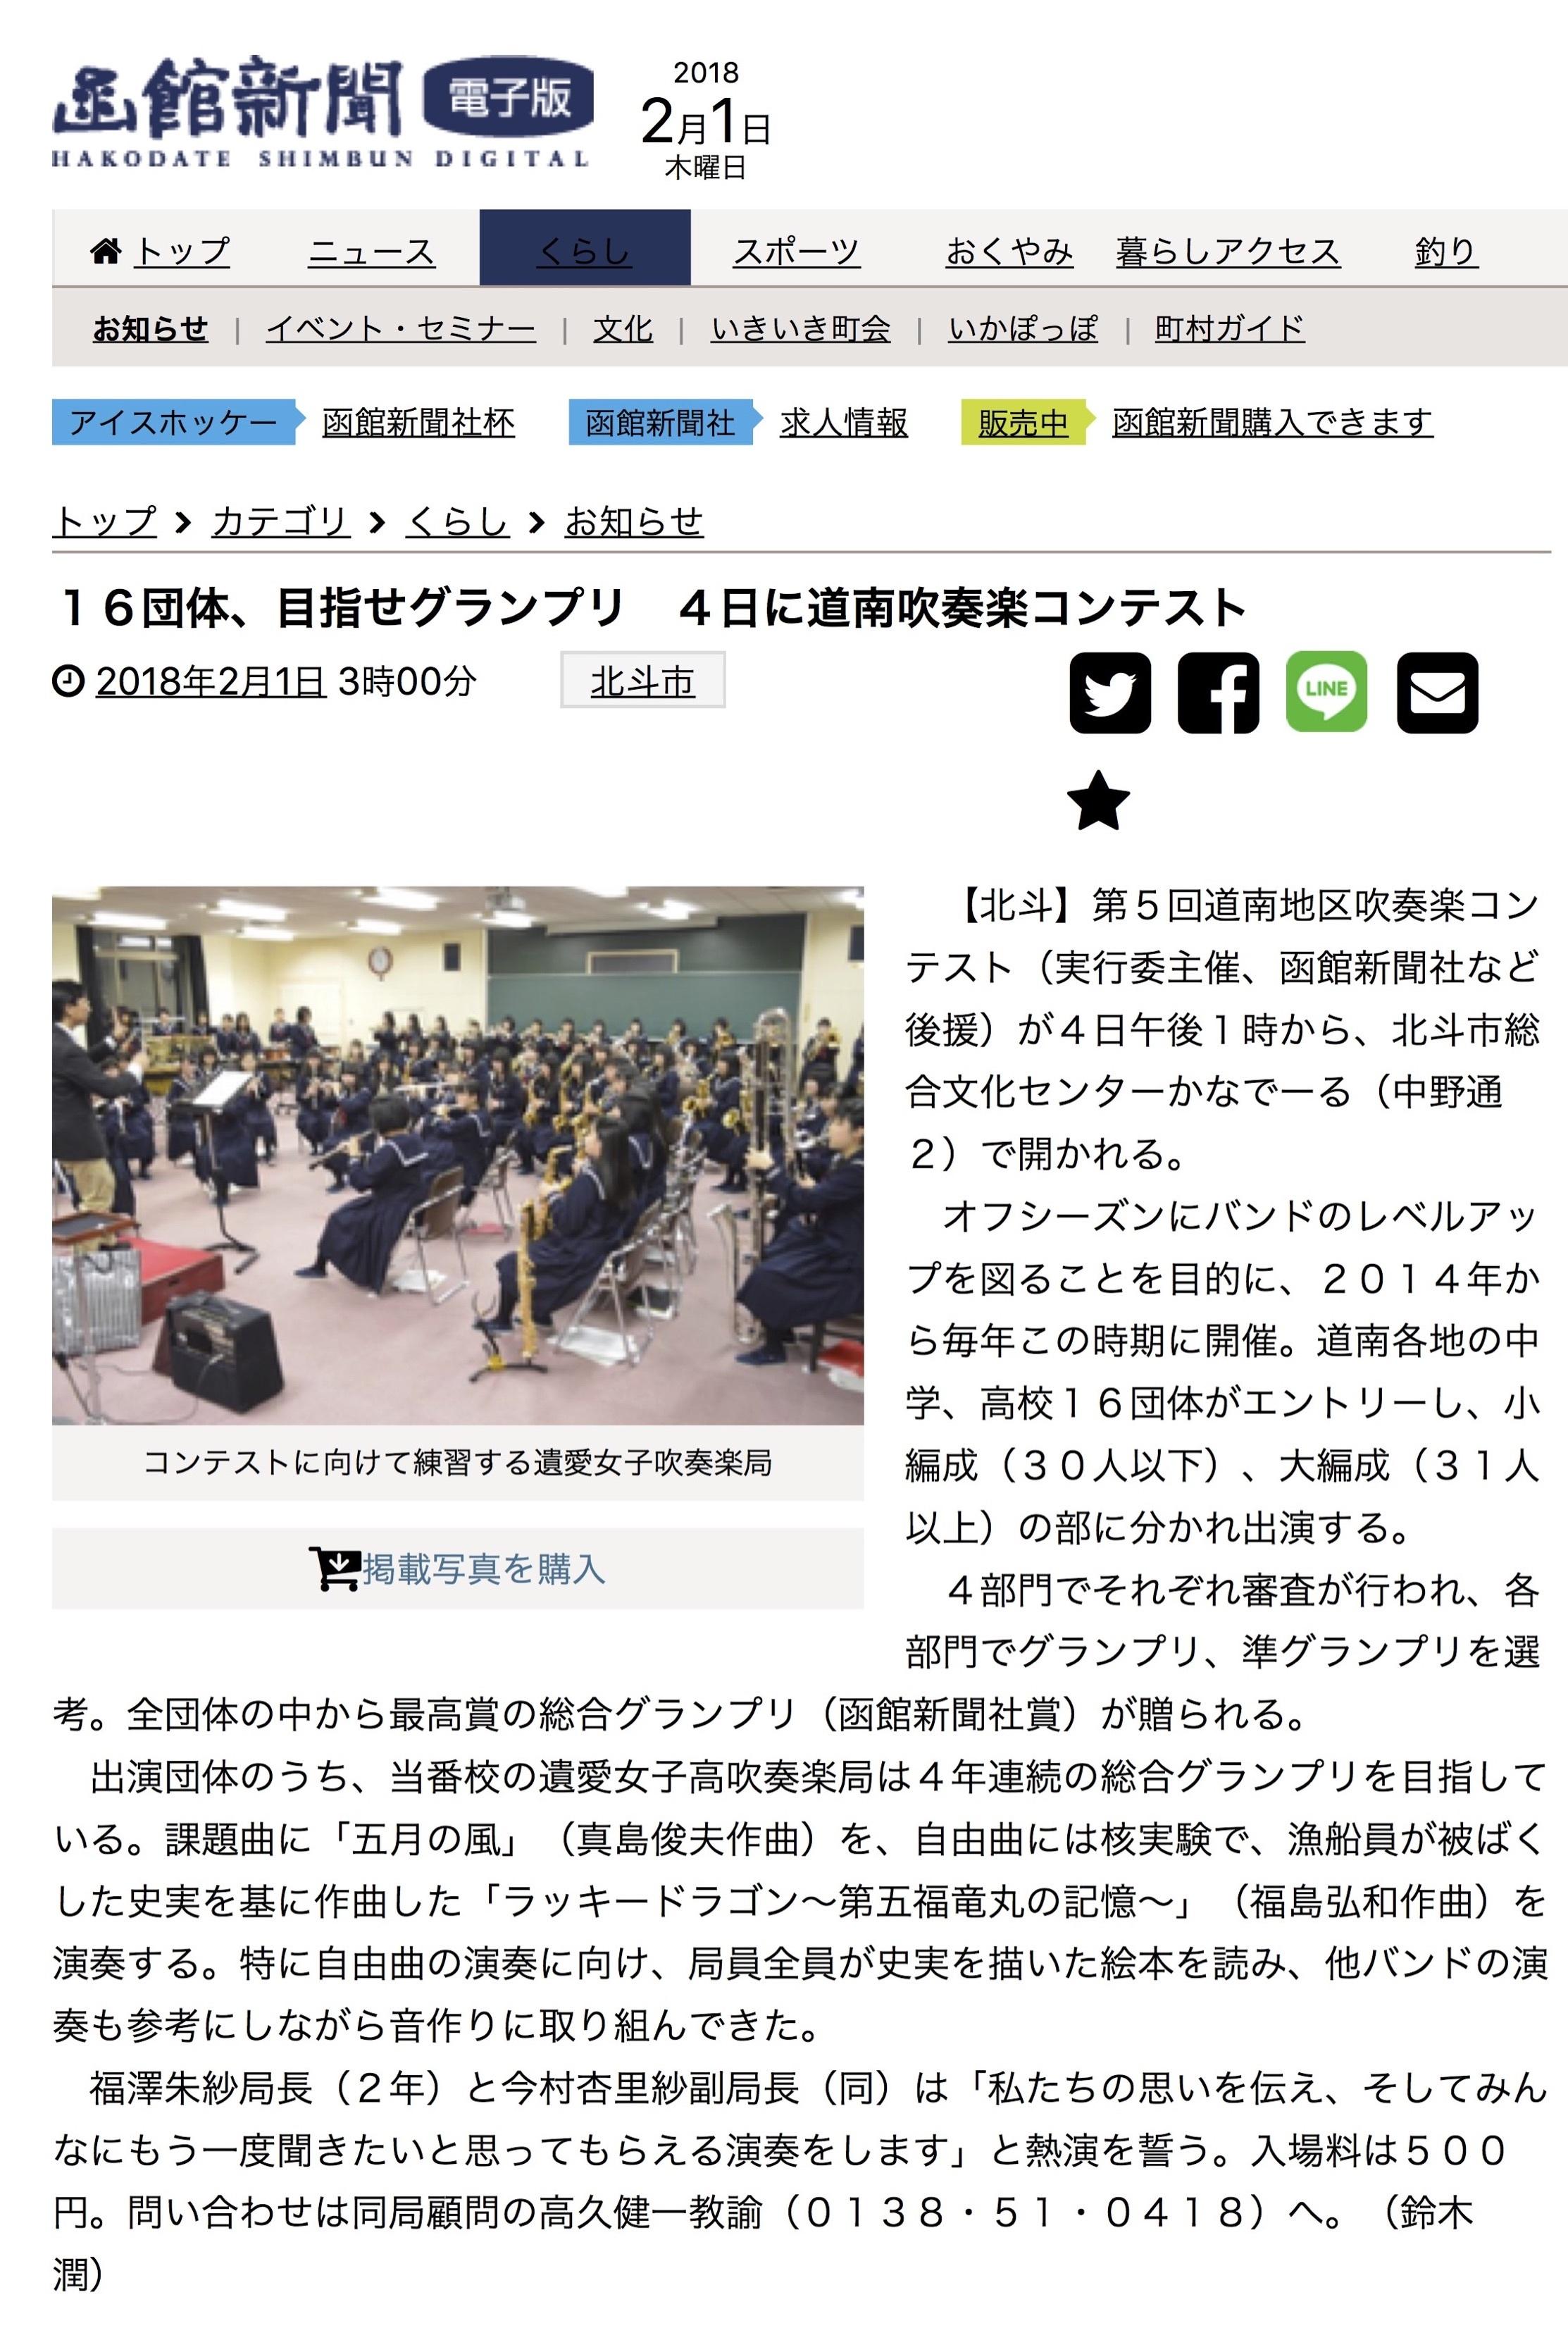 0201 函館新聞より【道南地区吹奏楽コンテスト】